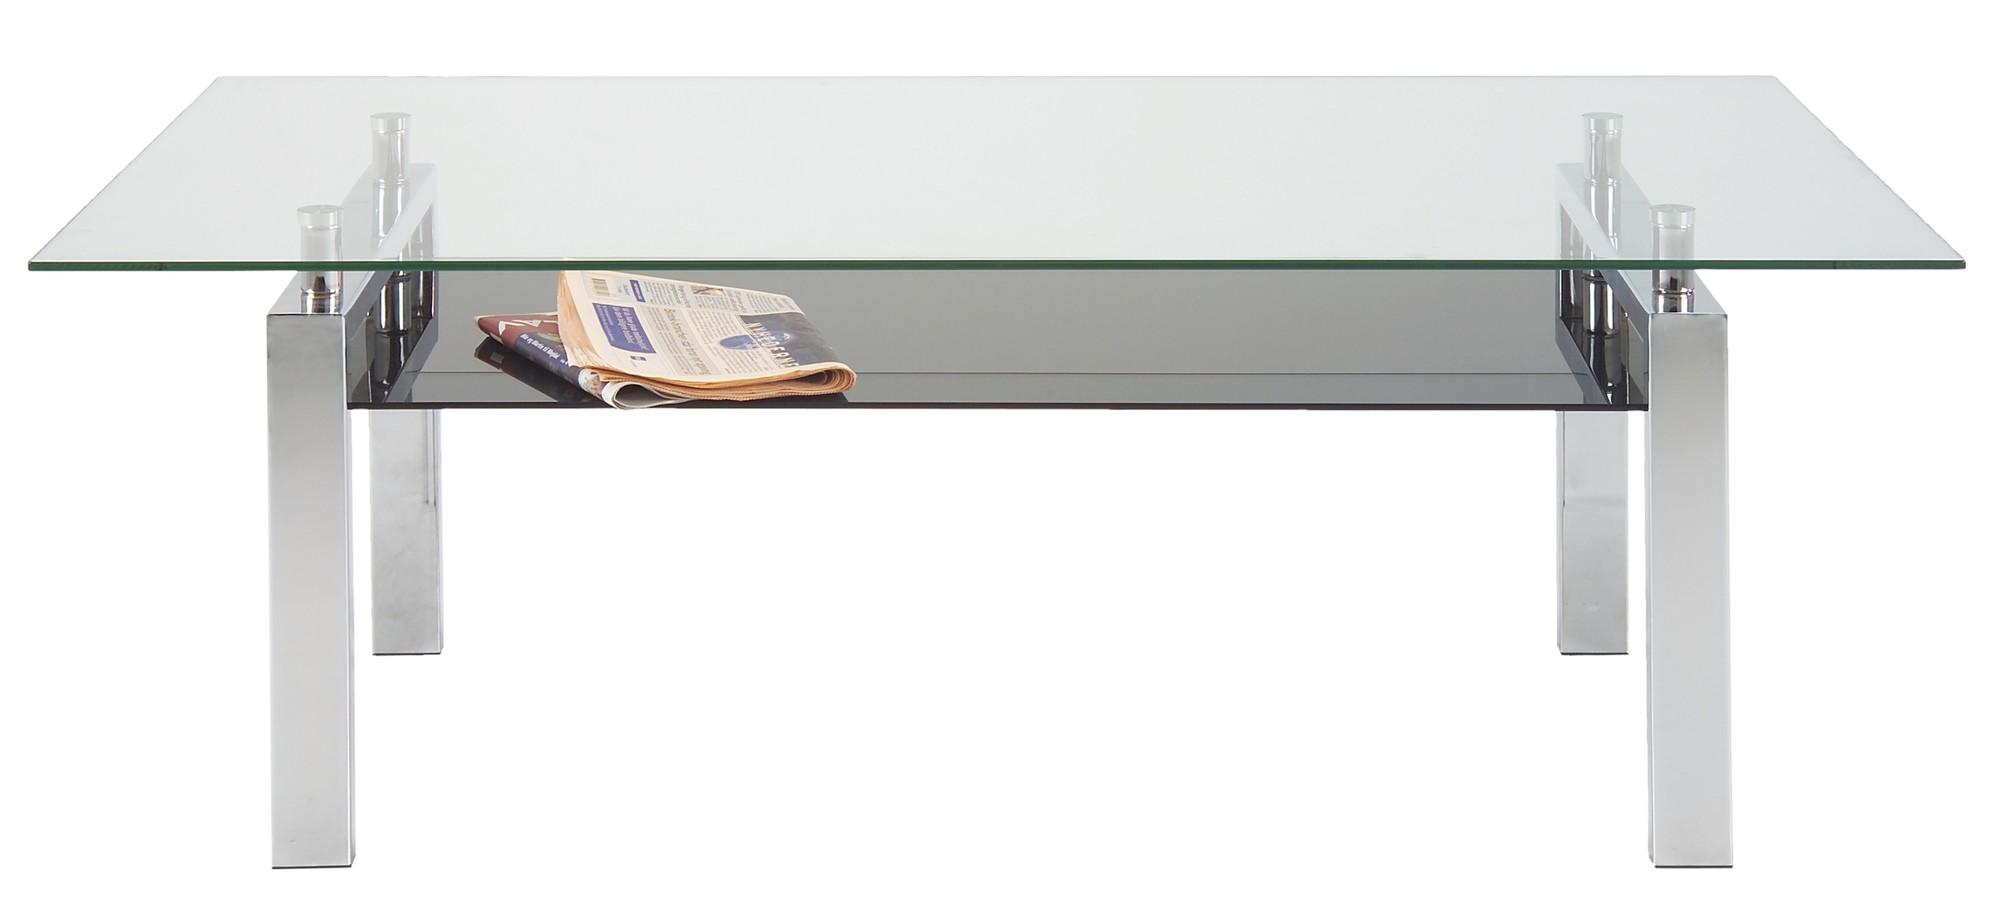 #82604923650876 Een 24designs Salontafel Rebecca 120 Cm Glas Te Koop Aangeboden Aanbevolen Vintage Design Meubelen Utrecht 499 afbeelding/foto 2180986499 beeld